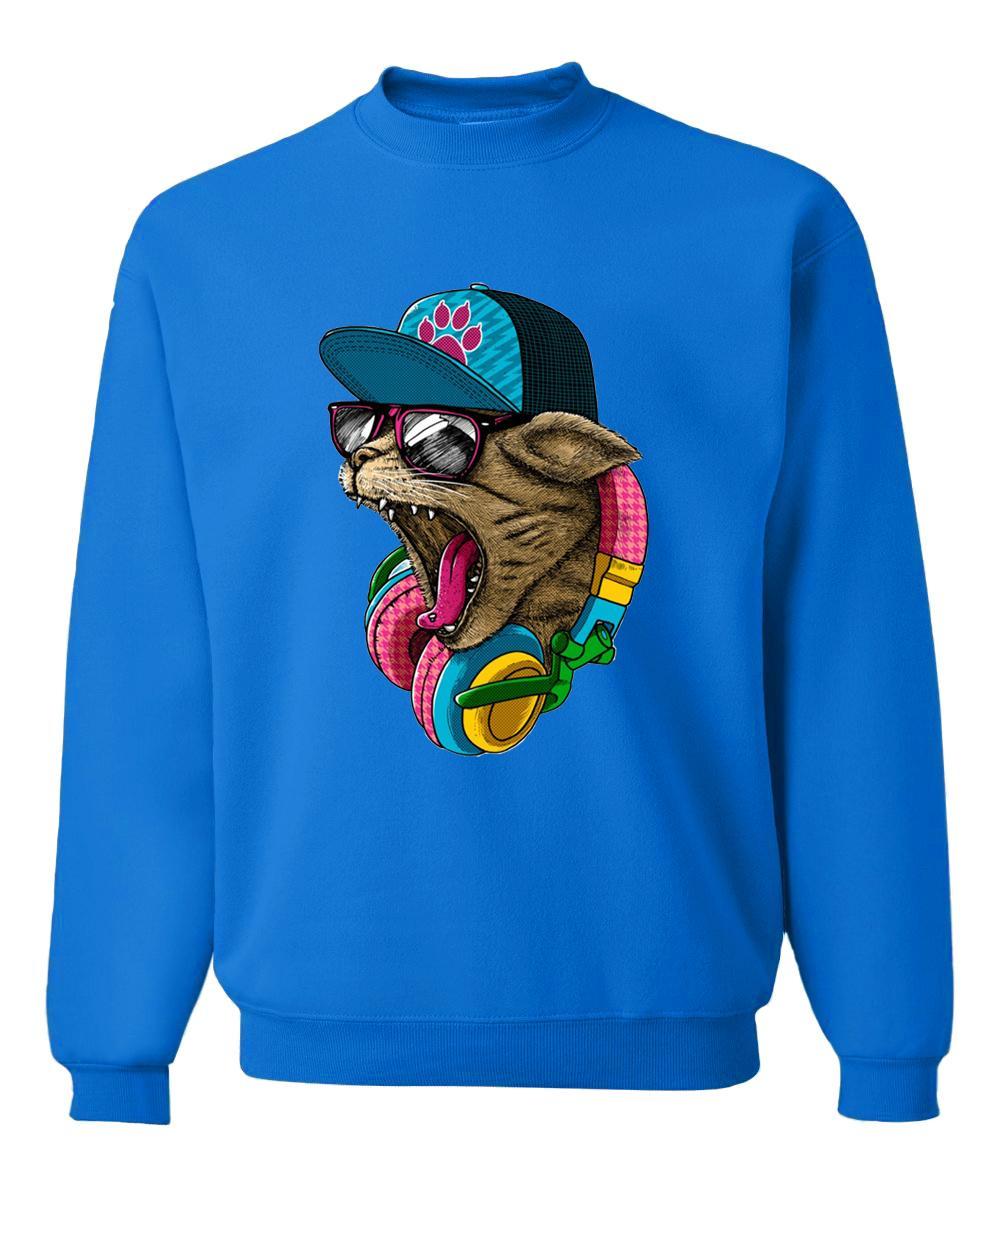 nouveauté DJ Cat sweats imprimés 2017 hommes hoodies automne fitness survêtements hip-hop pull en molleton pour hommes